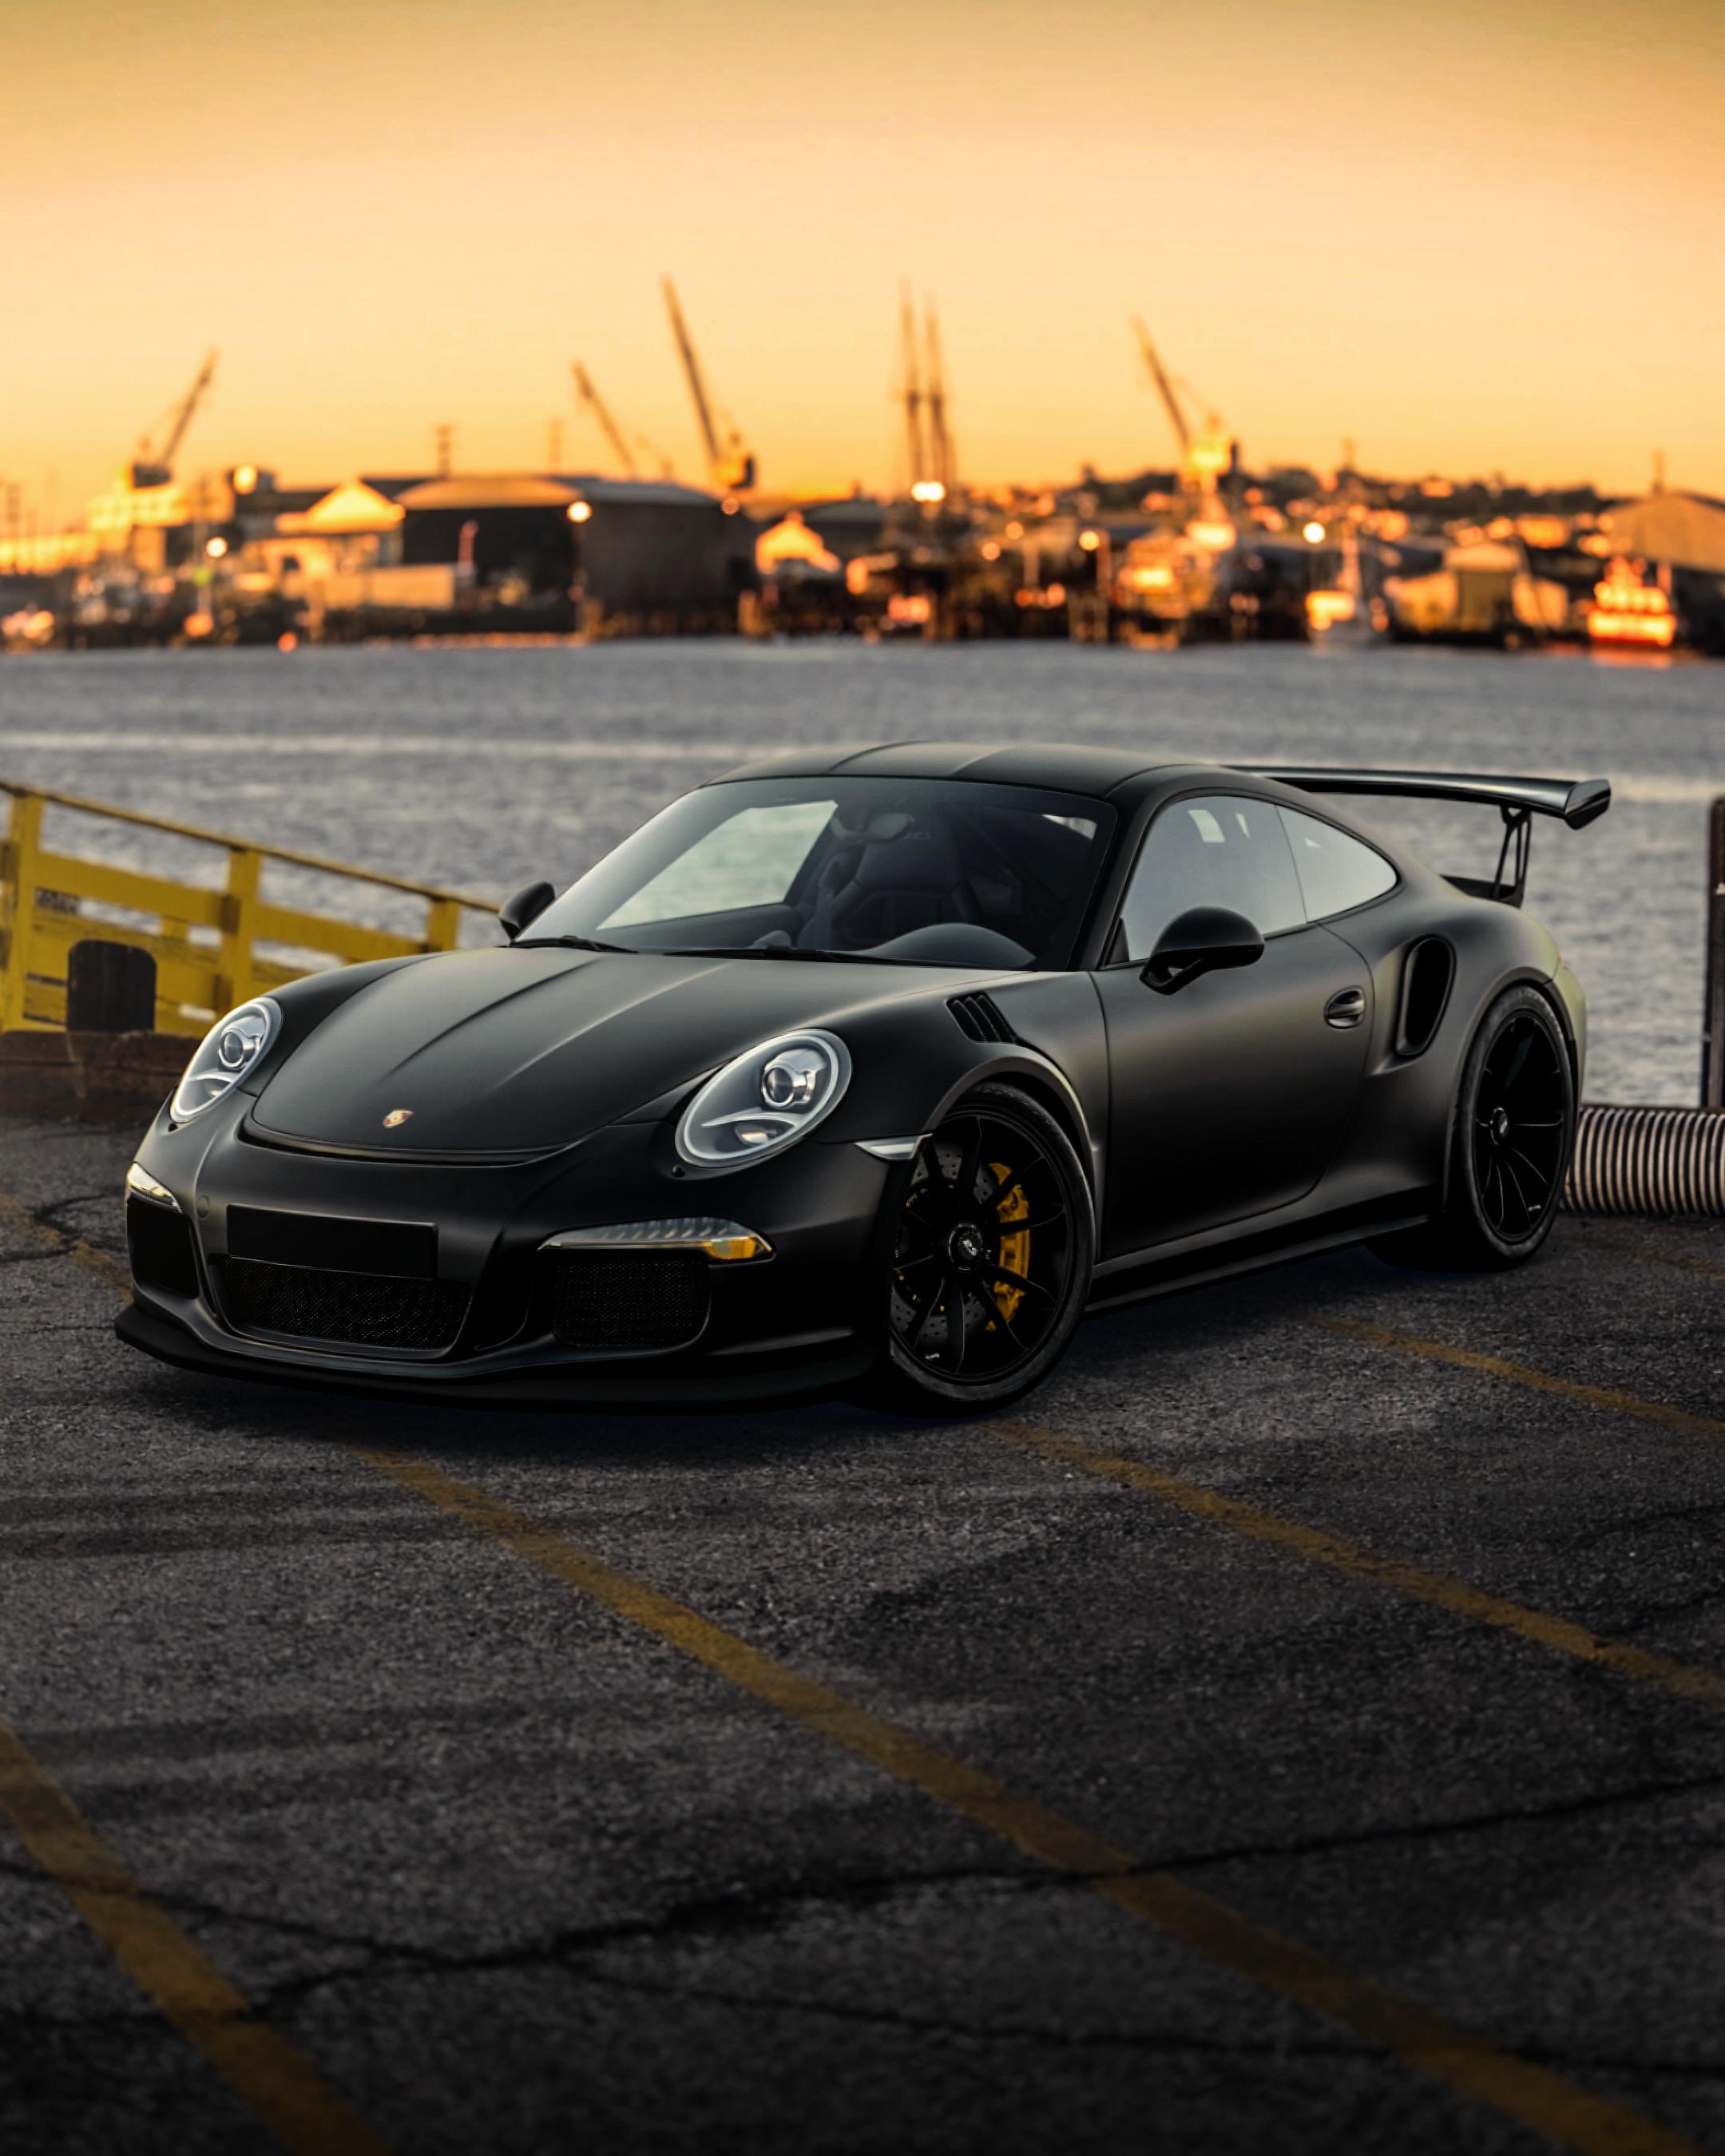 135825 Заставки и Обои Порш (Porsche) на телефон. Скачать Порш (Porsche), Porsche 911, Тачки (Cars), Черный, Машина, Спорткар, Вид Сбоку картинки бесплатно